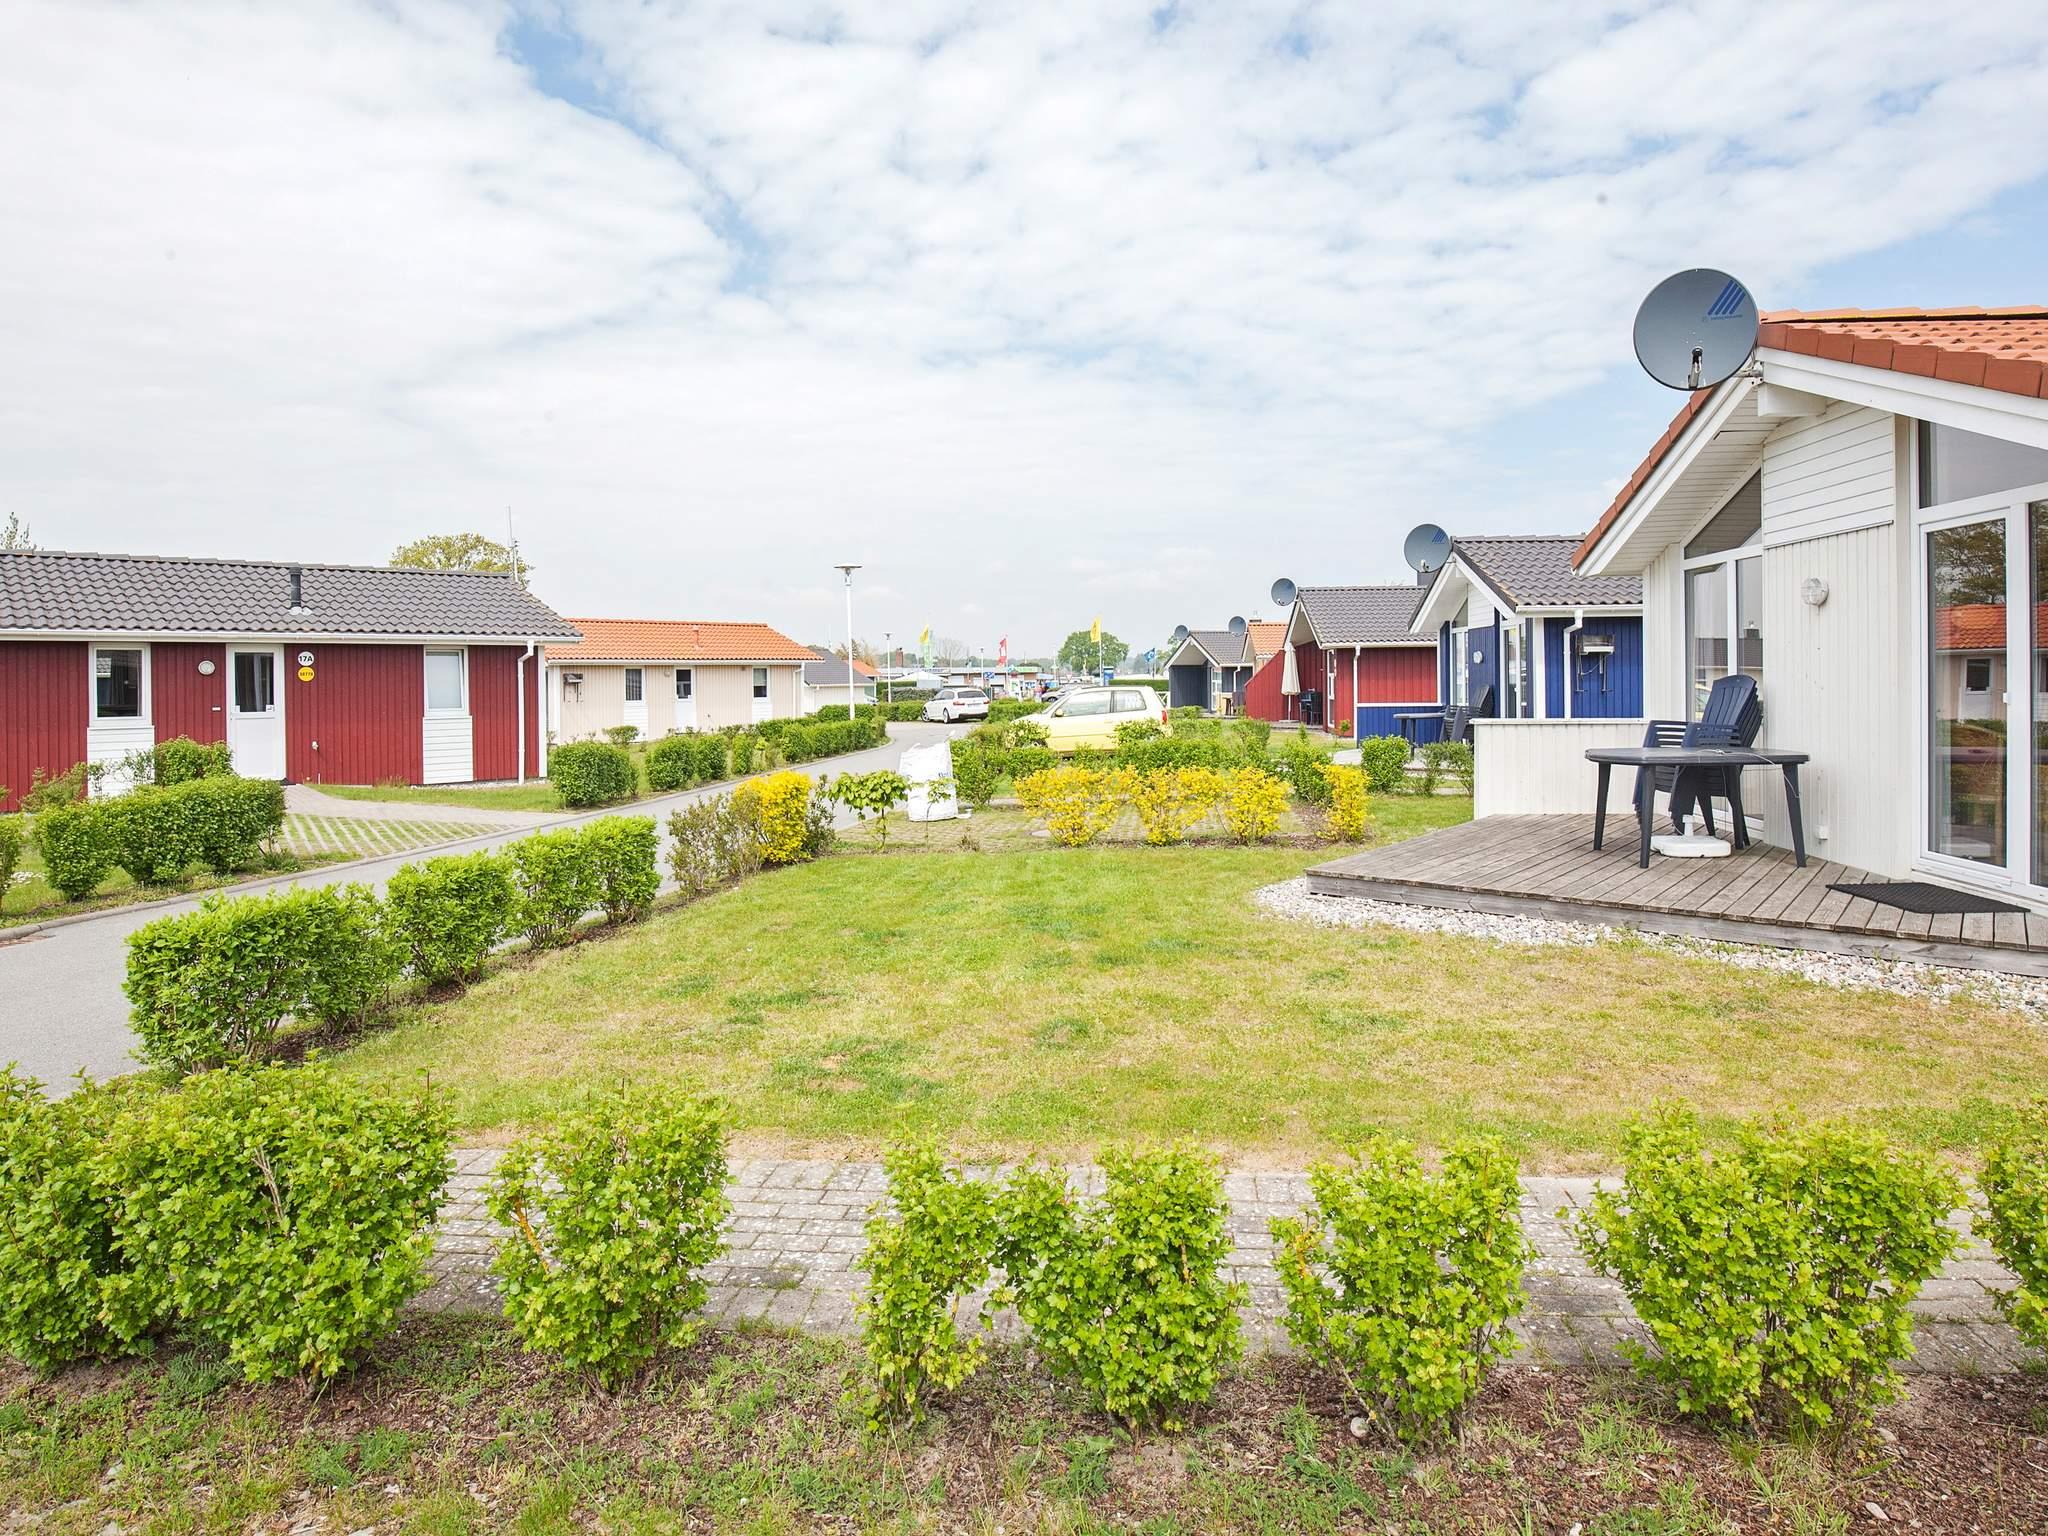 Maison de vacances Grömitz (436444), Grömitz, Baie de Lübeck, Schleswig-Holstein, Allemagne, image 11